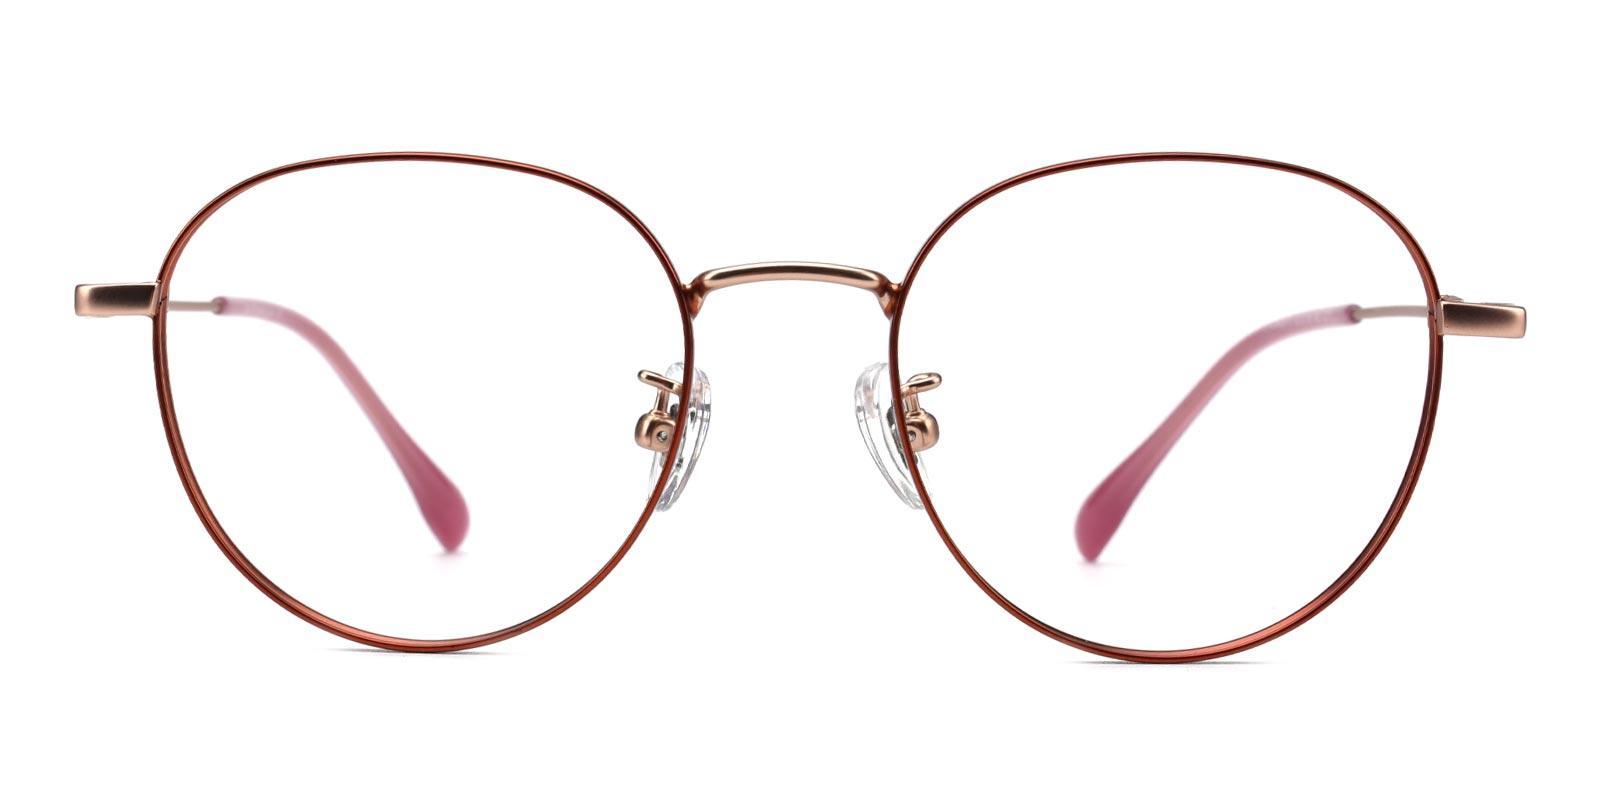 North-Orange-Round-Titanium-Eyeglasses-additional2